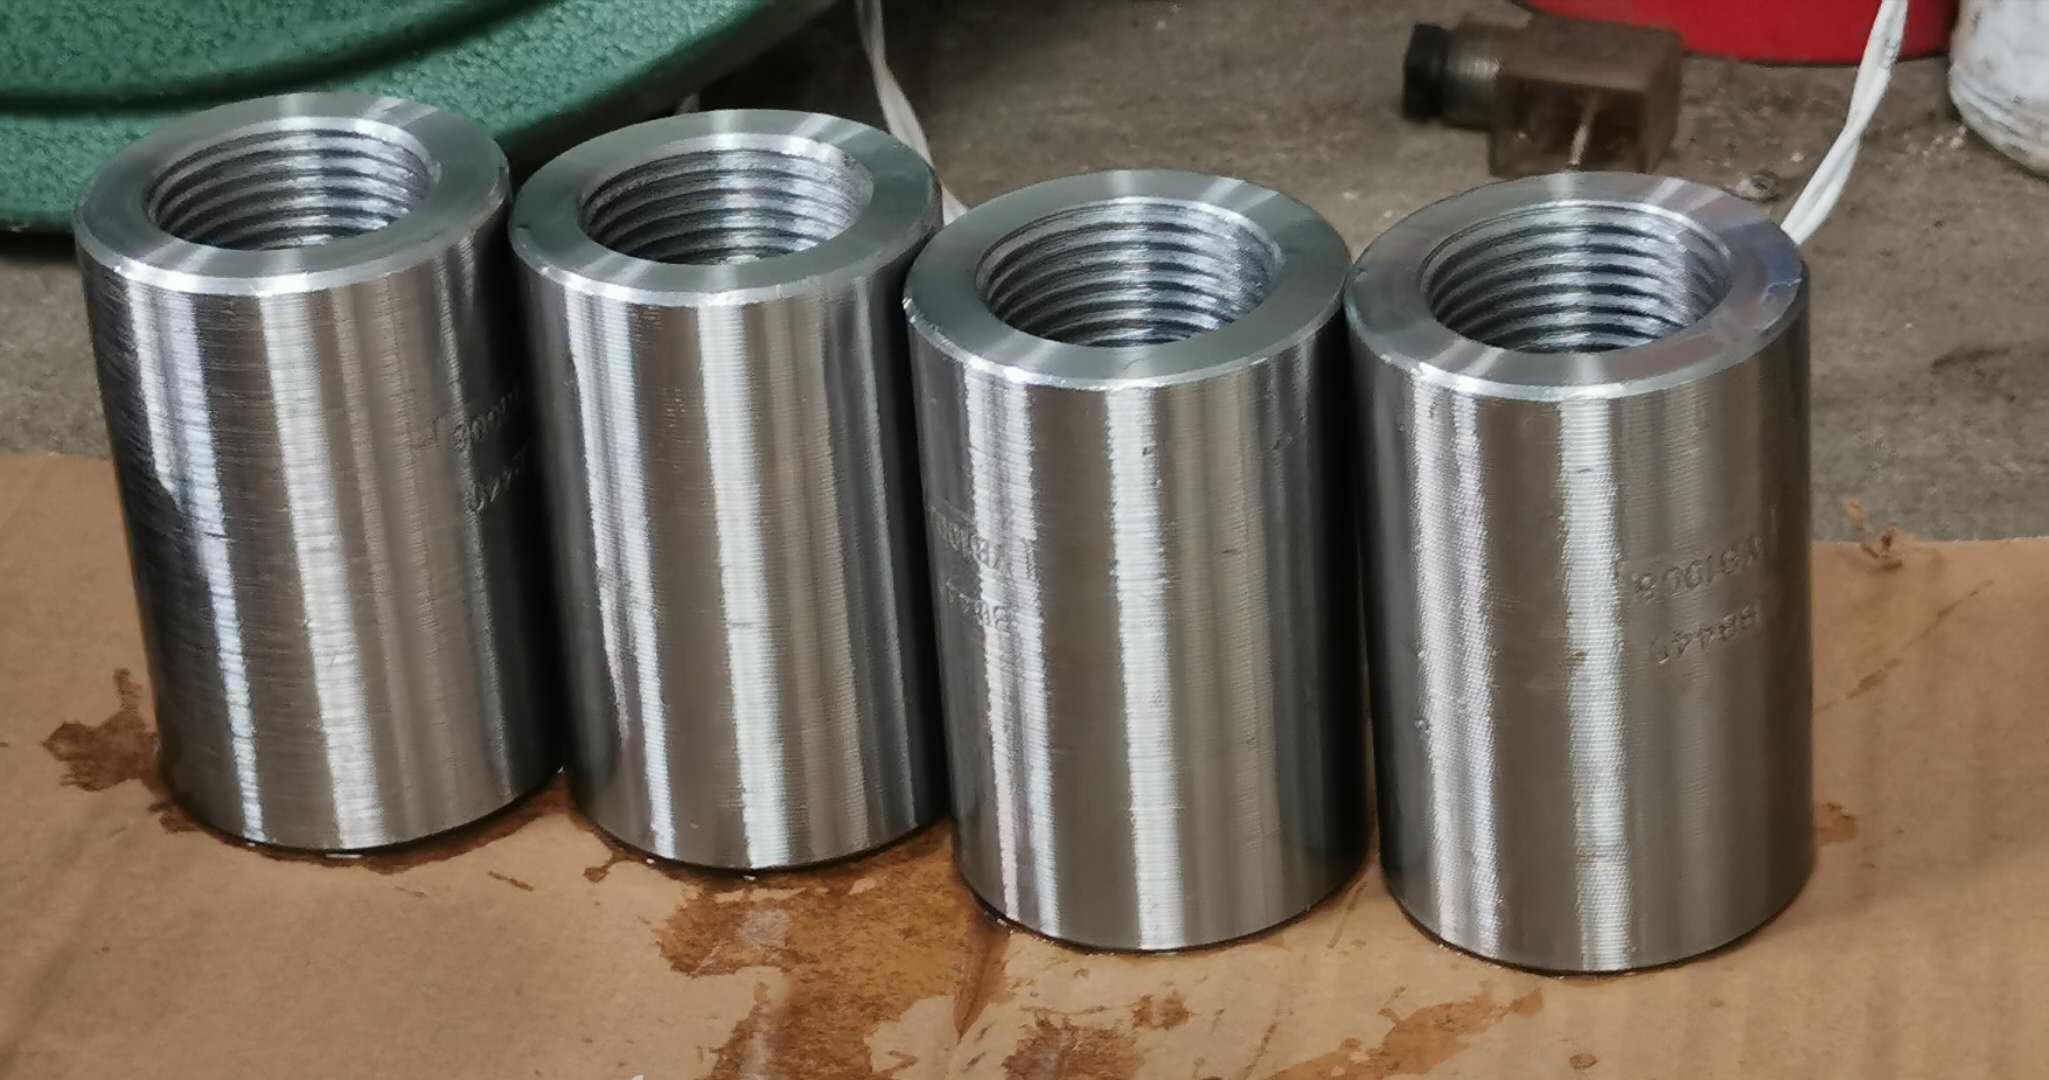 钢筋套筒A衡水亚博建筑钢筋套筒厂家怎么选购注意什么